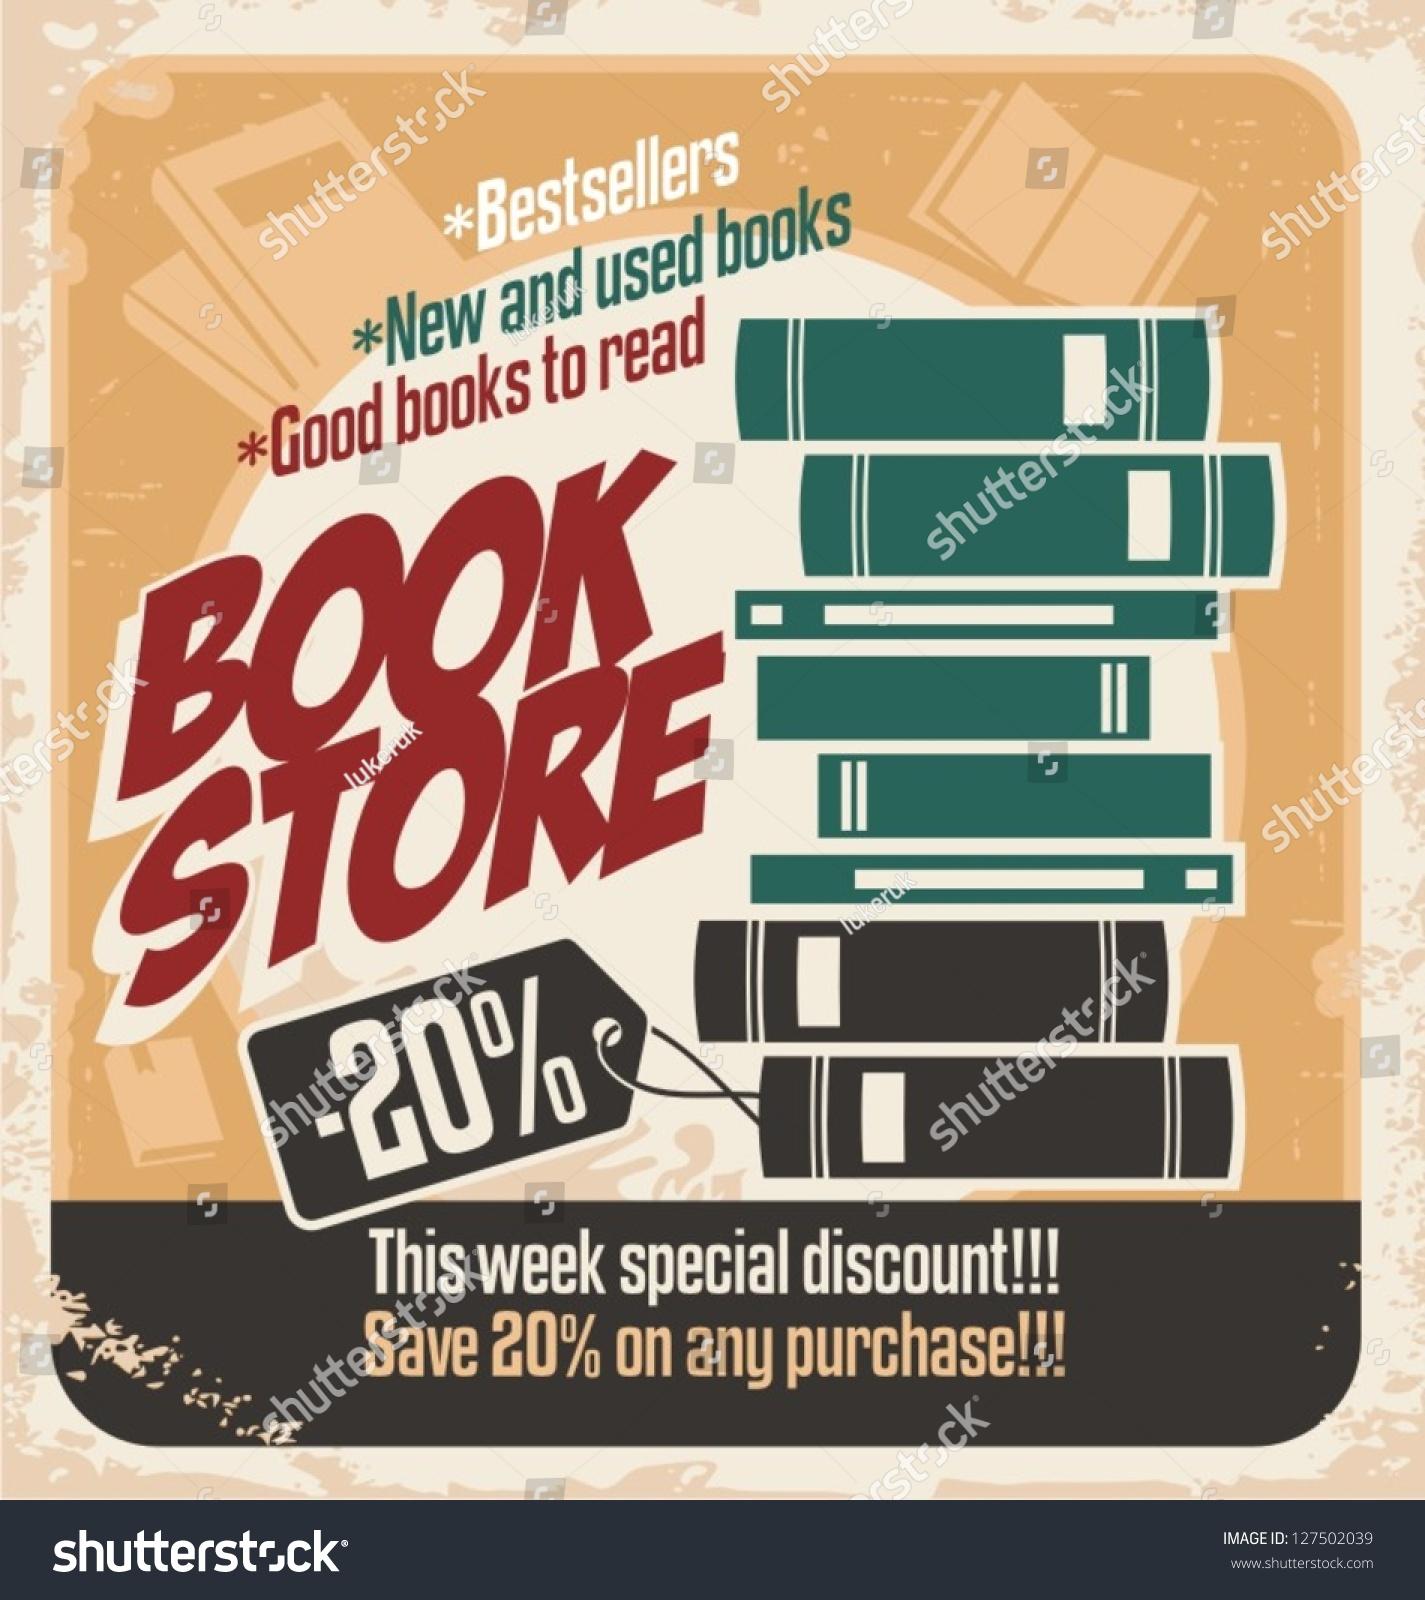 Партнерская Программа Книжный Магазин